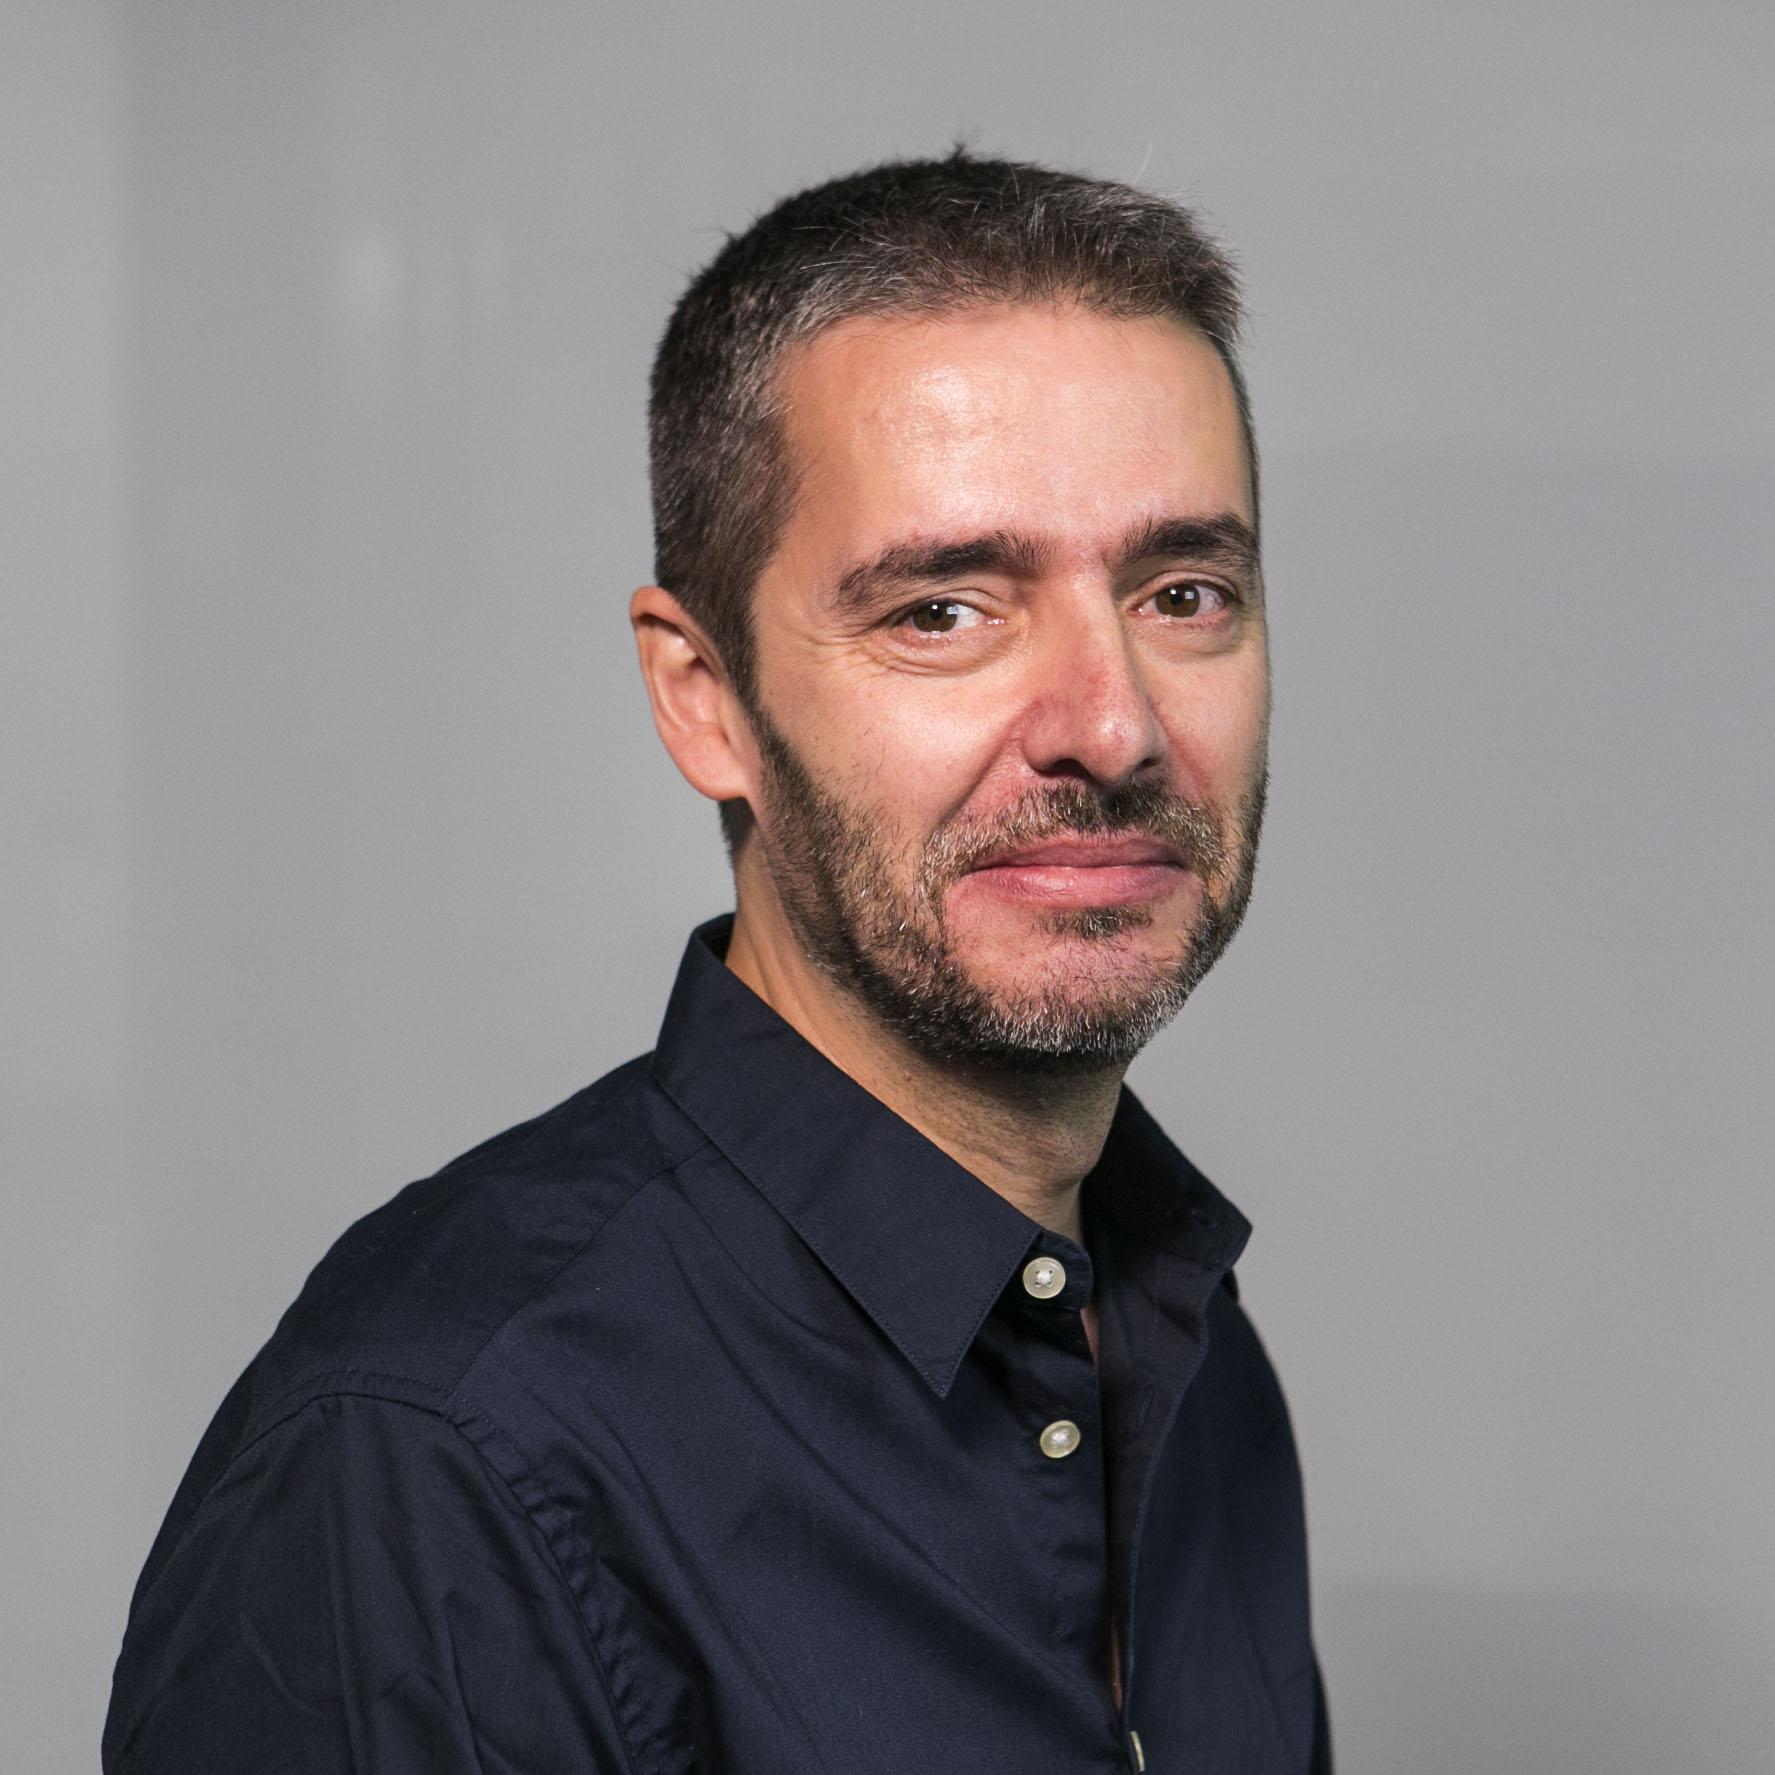 Foto del profesor Enric Mor Pera